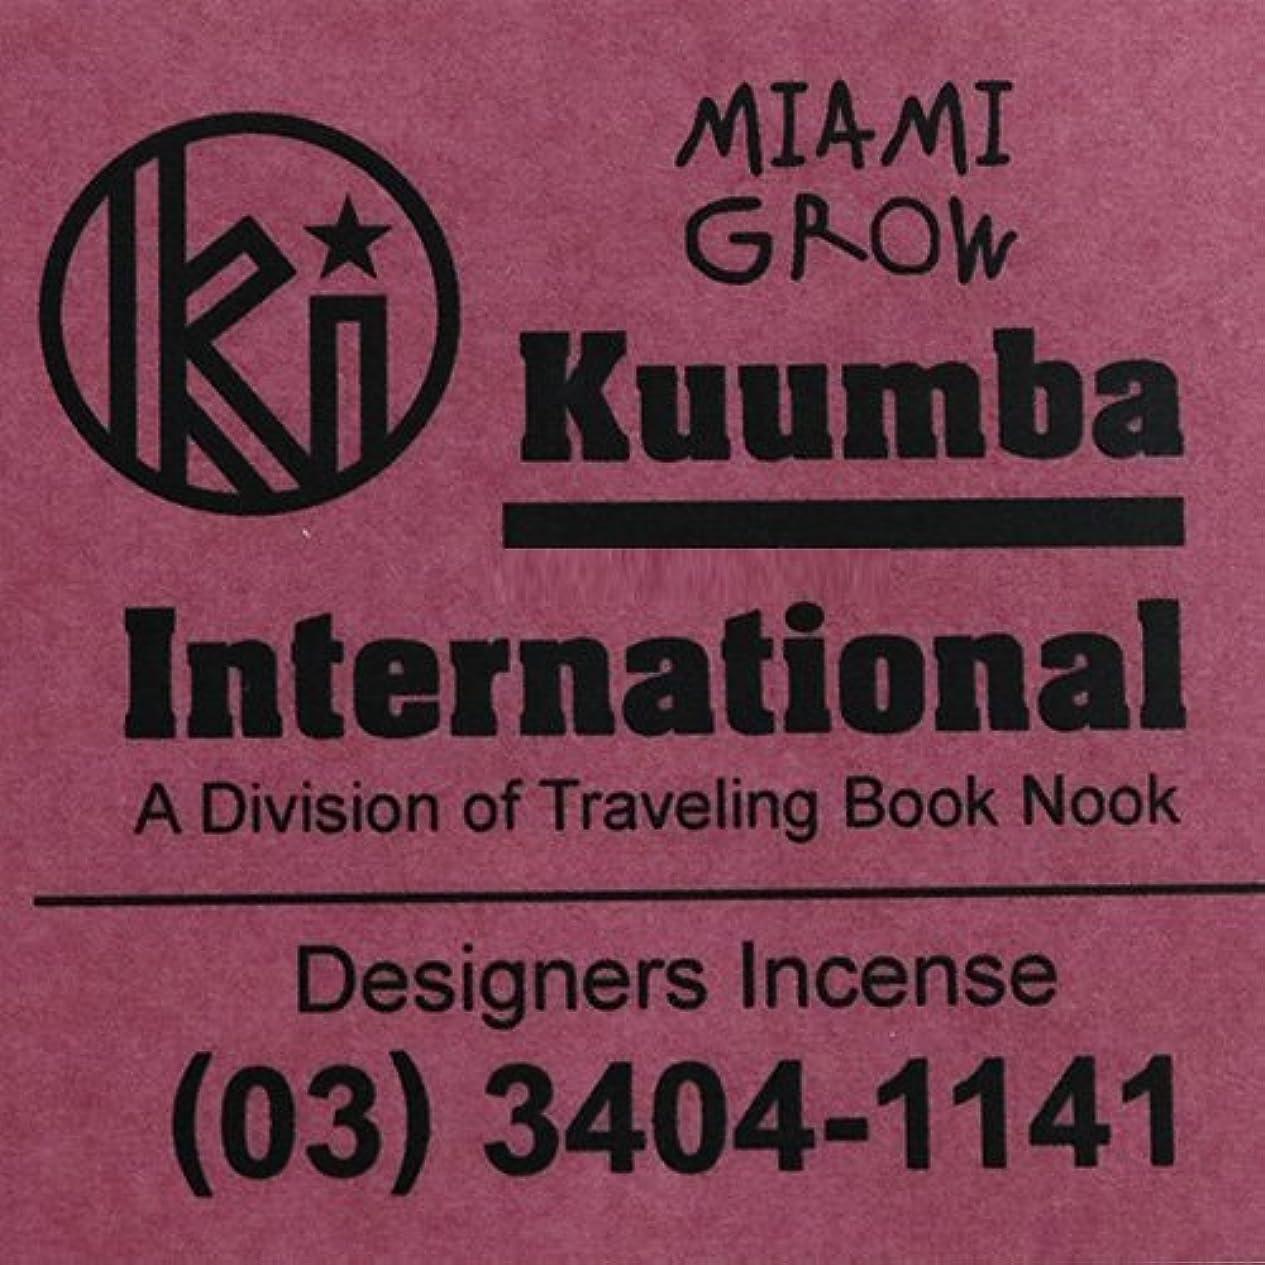 八百屋さん解釈的統計的(クンバ) KUUMBA『incense』(MIAMI GROW) (Regular size)